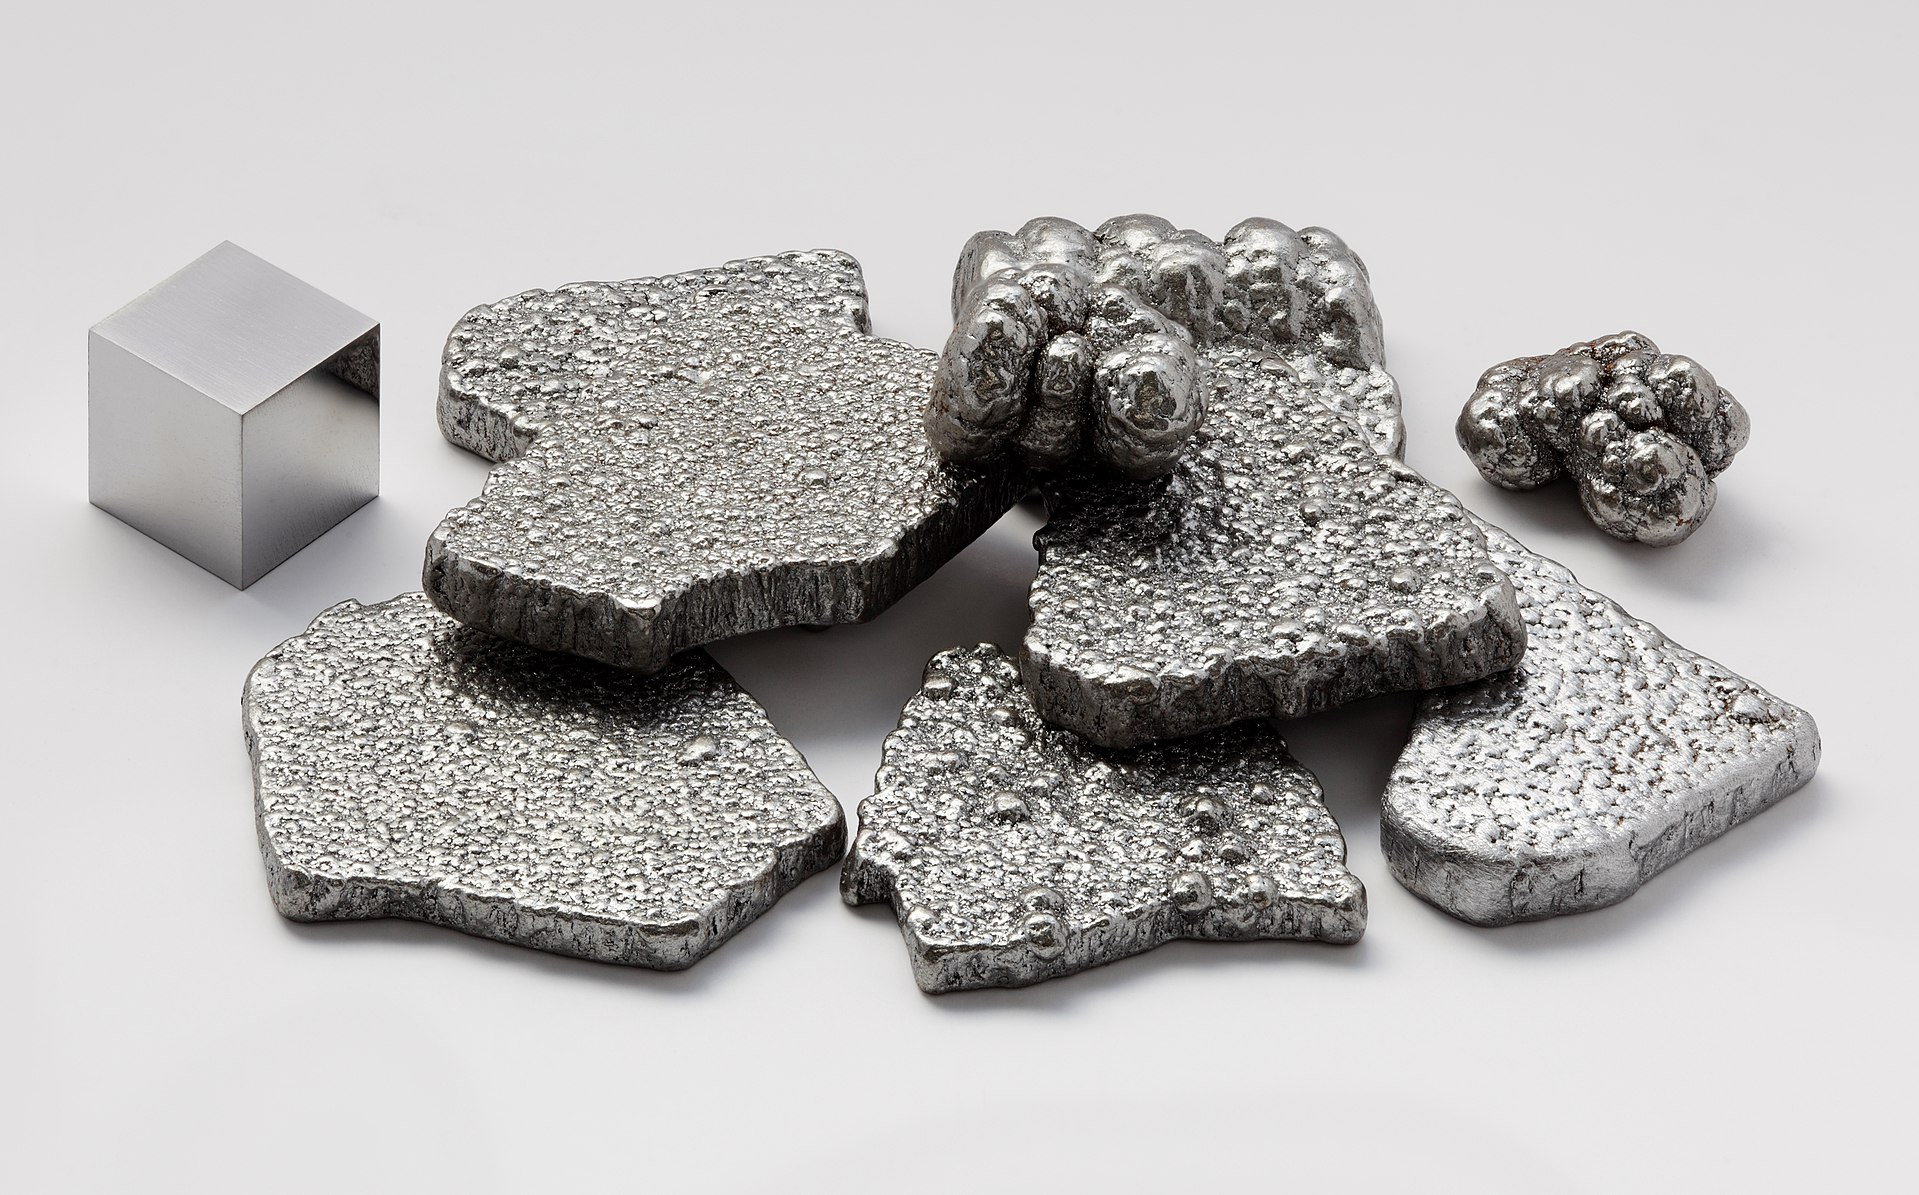 Ulike utgaver av metallisk jern